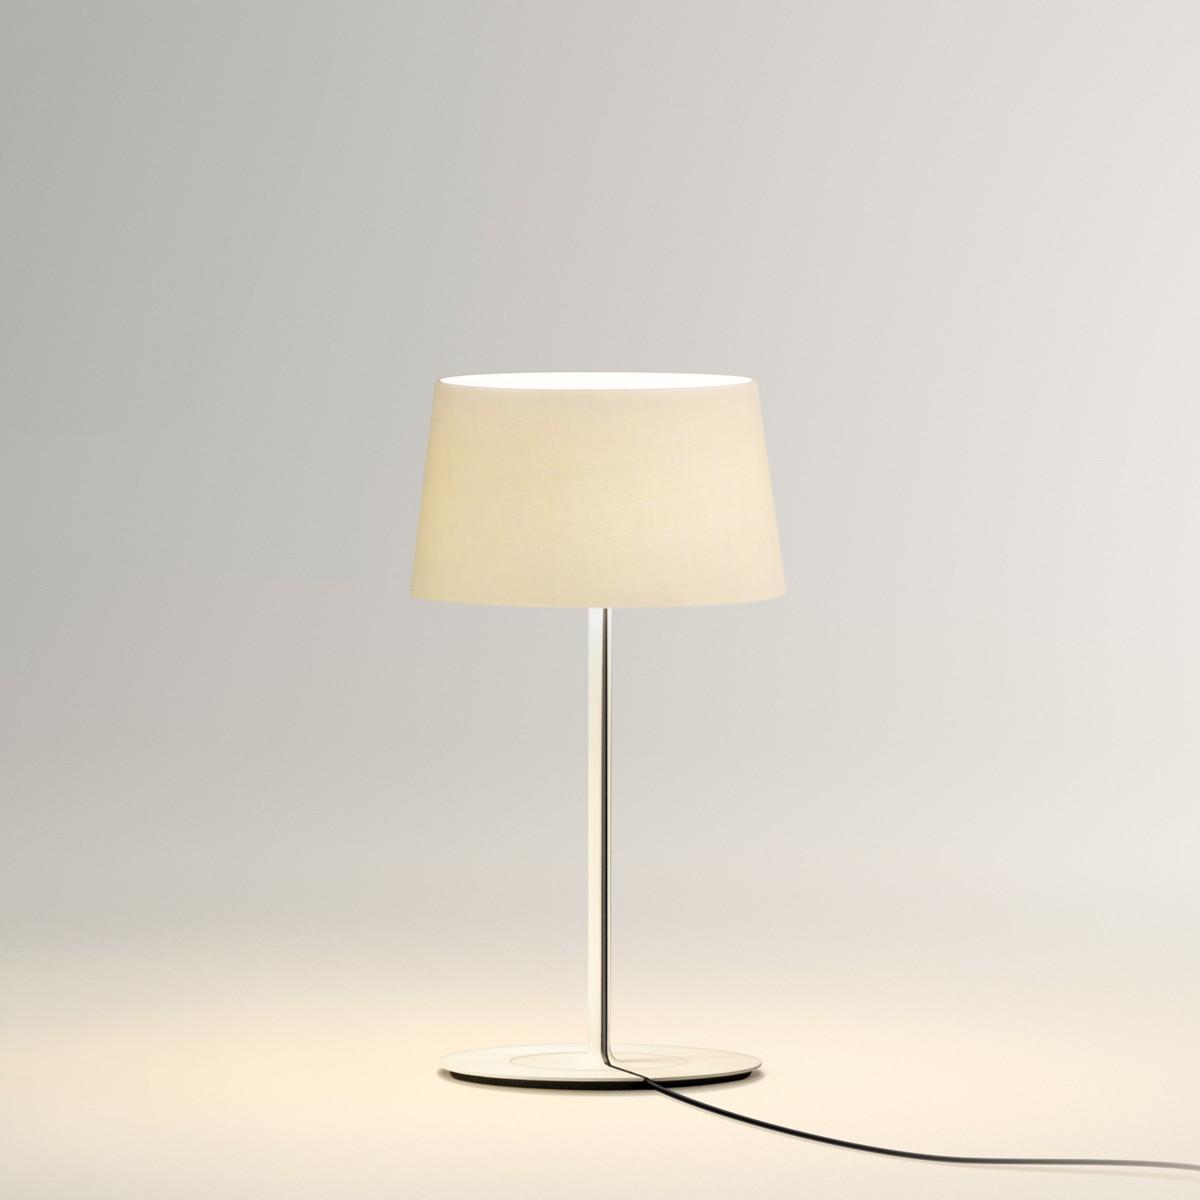 Vibia Warm Mini 4895 Tischleuchte, Screen / cremeweiß matt